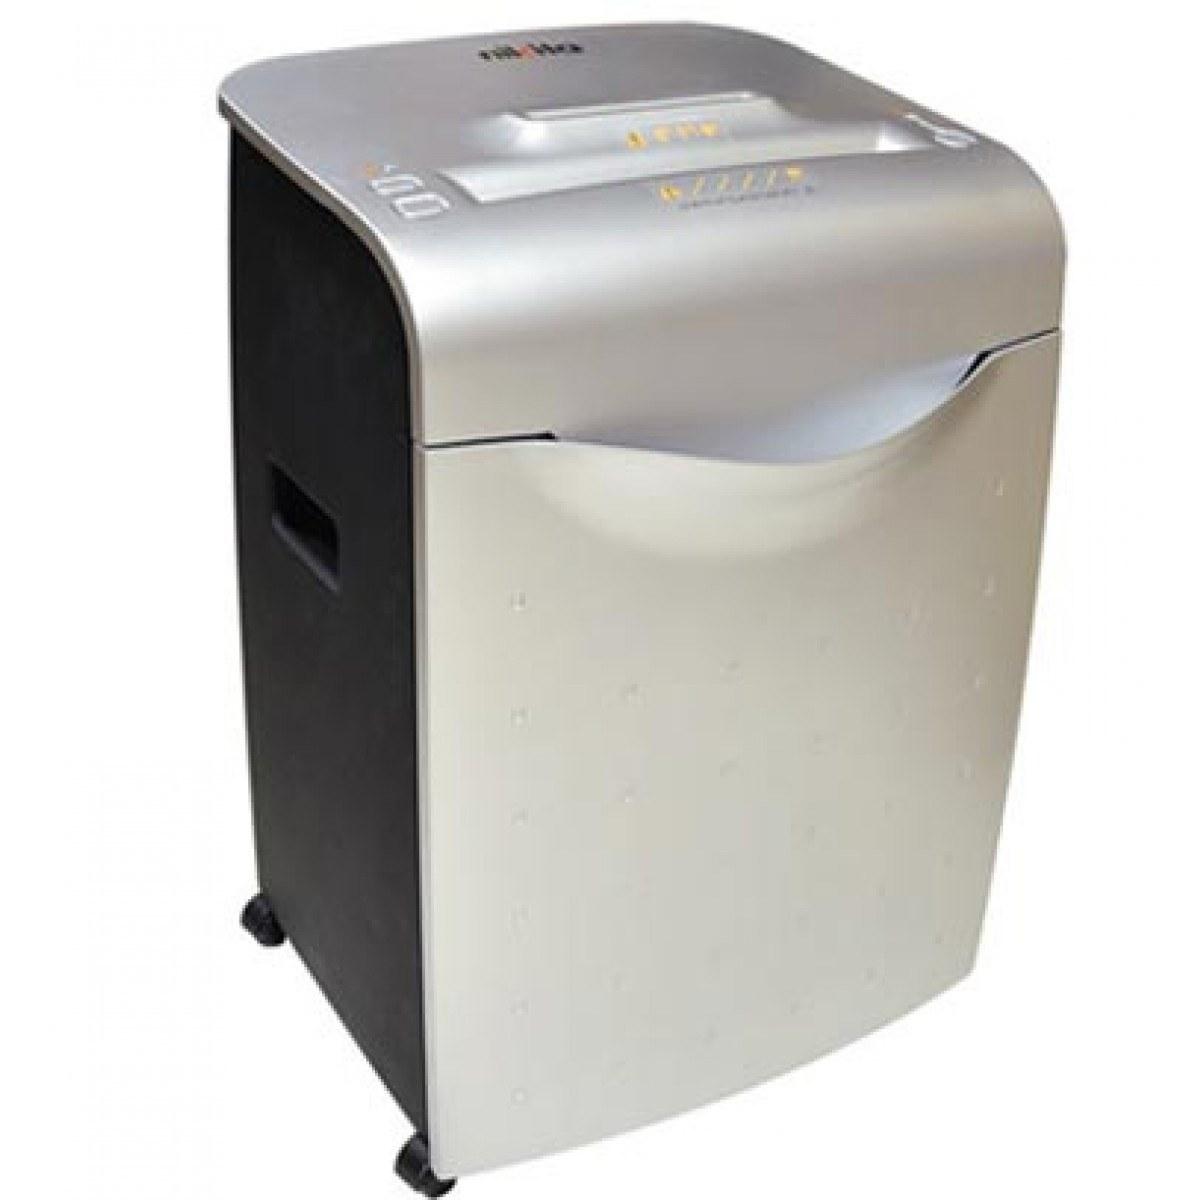 تصویر کاغذ خردکن نیکیتا Silverplus nikita Silverplus Paper shredder